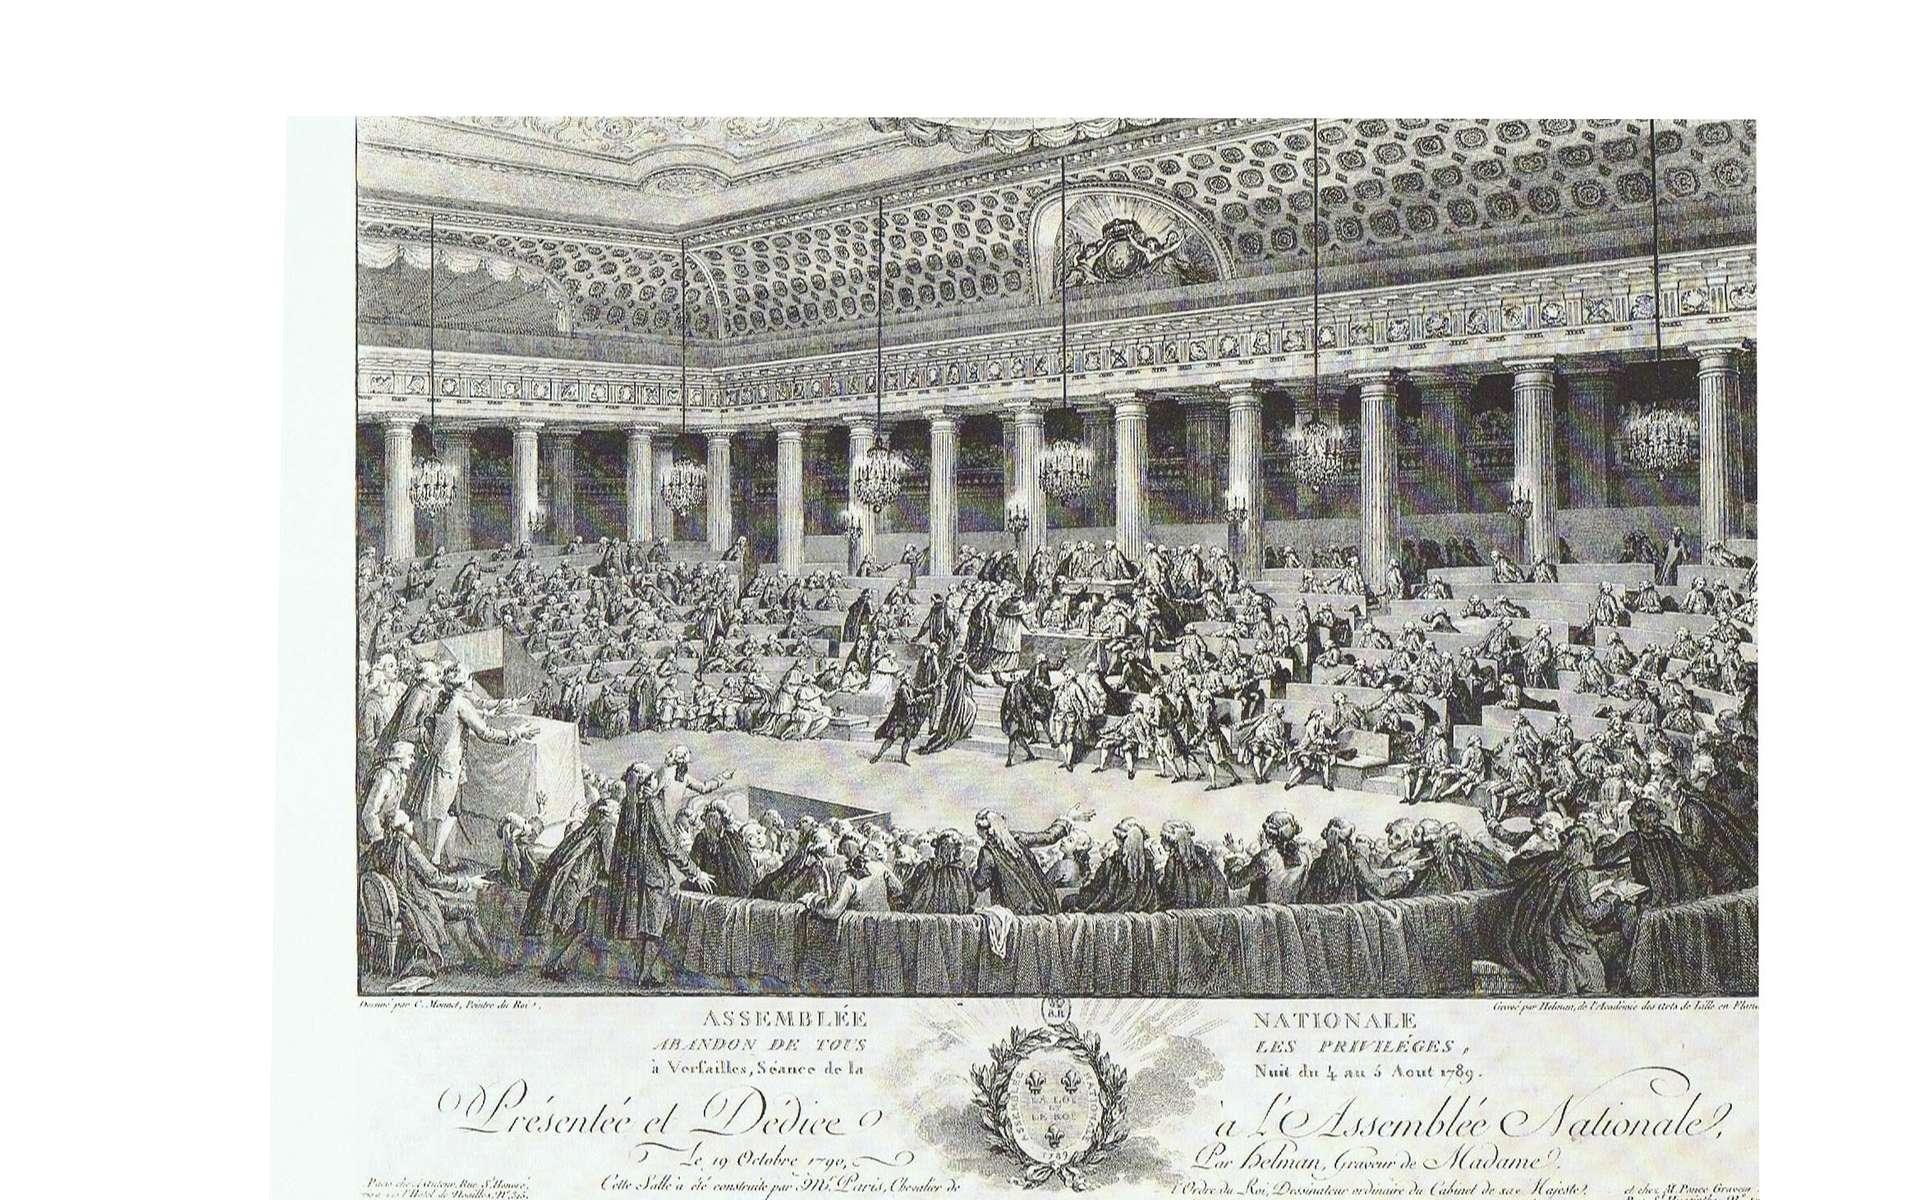 Durant la nuit du 4 août 1789, les députés de l'Assemblée Constituante ont voté l'abolition des privilèges et droits féodaux. Dessin de Monnet gravé par Helman. © Musée de la Révolution française, Vizil (Isère), Wikimedias Commons